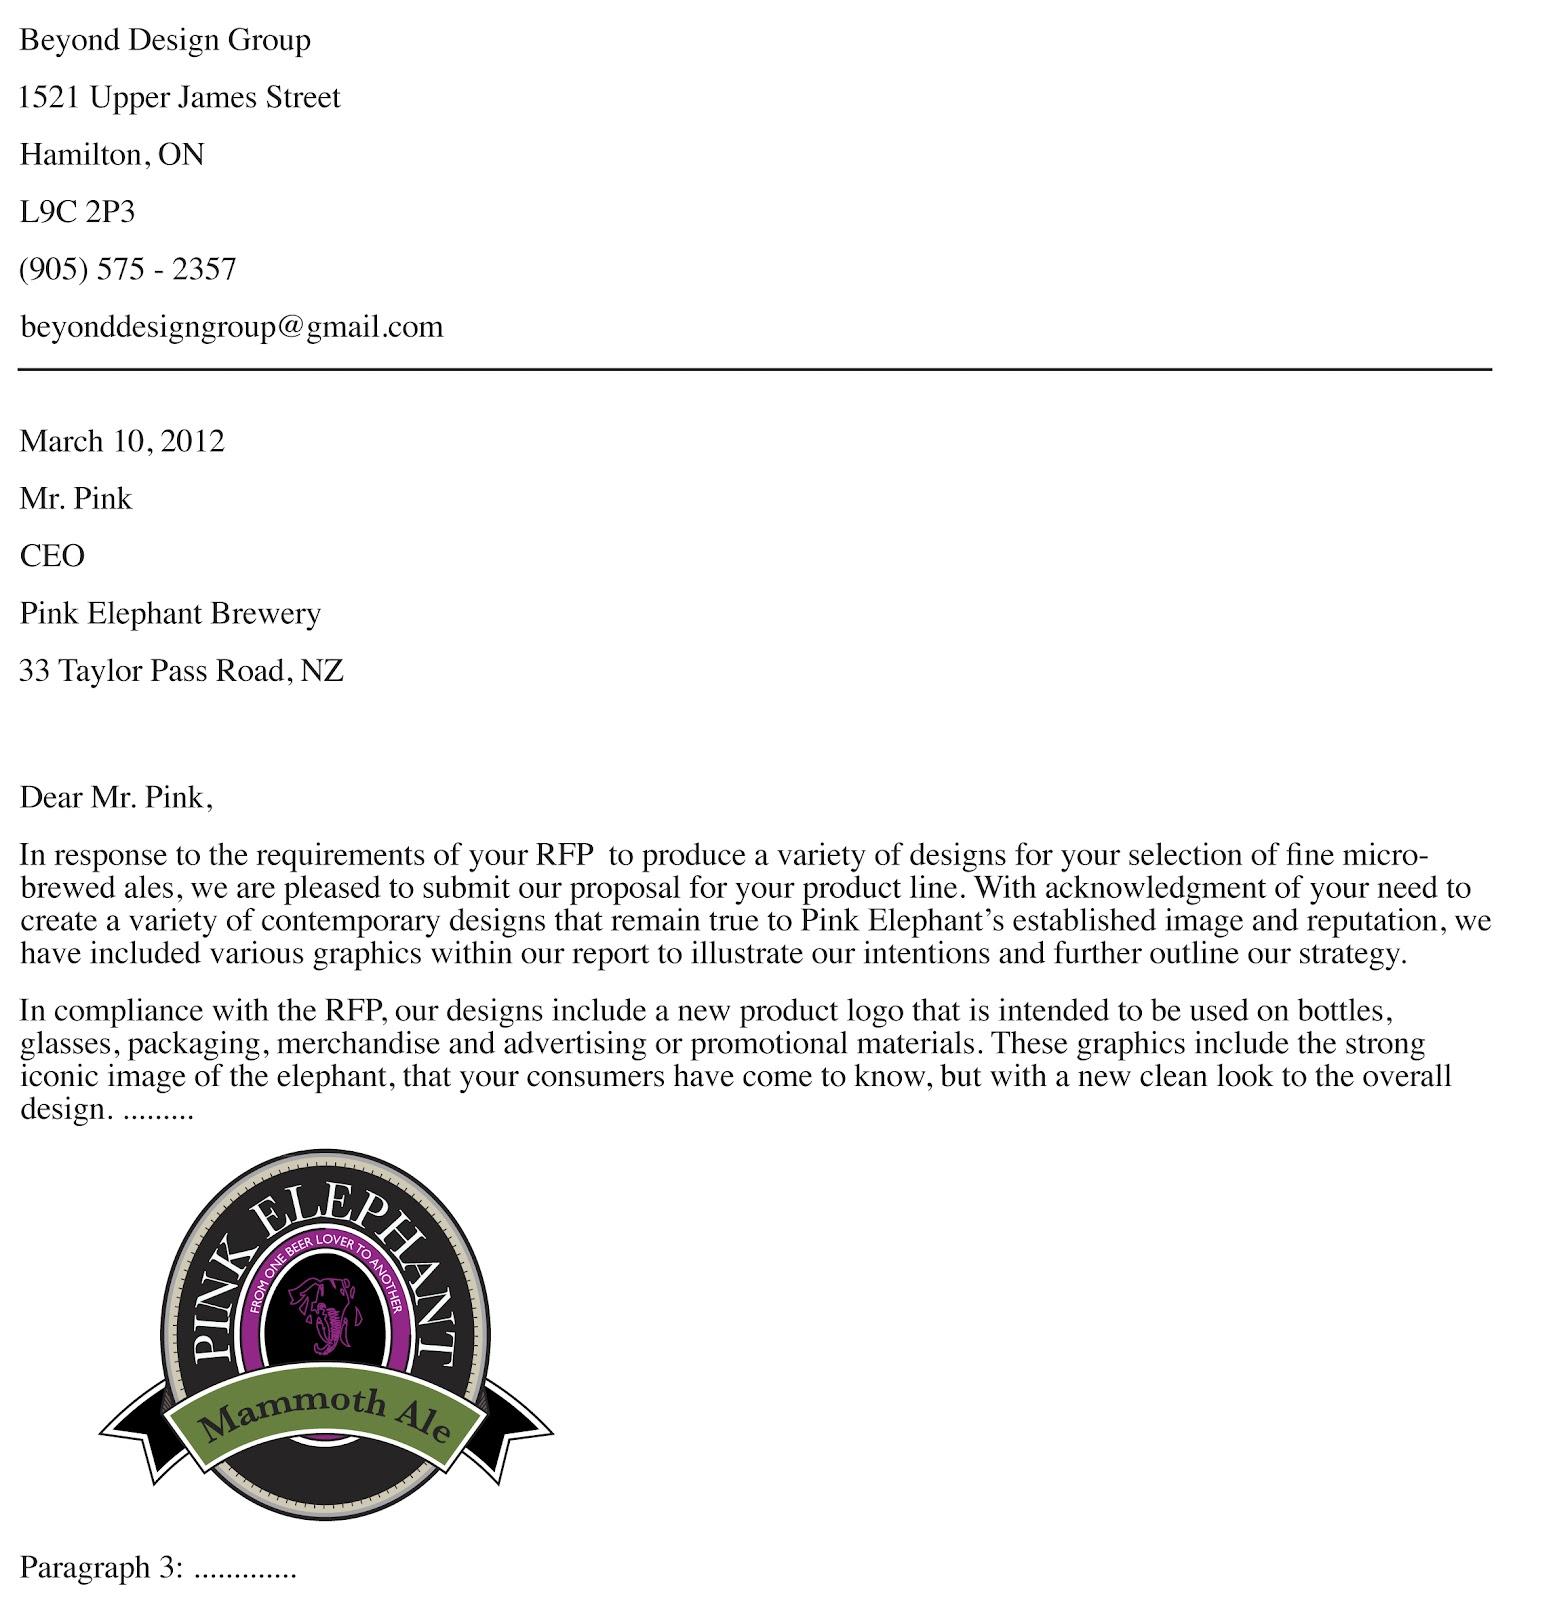 Doc468600 Transmittal Letter Sample Transmittal Letters 79 – Letter of Transmittal for Proposal